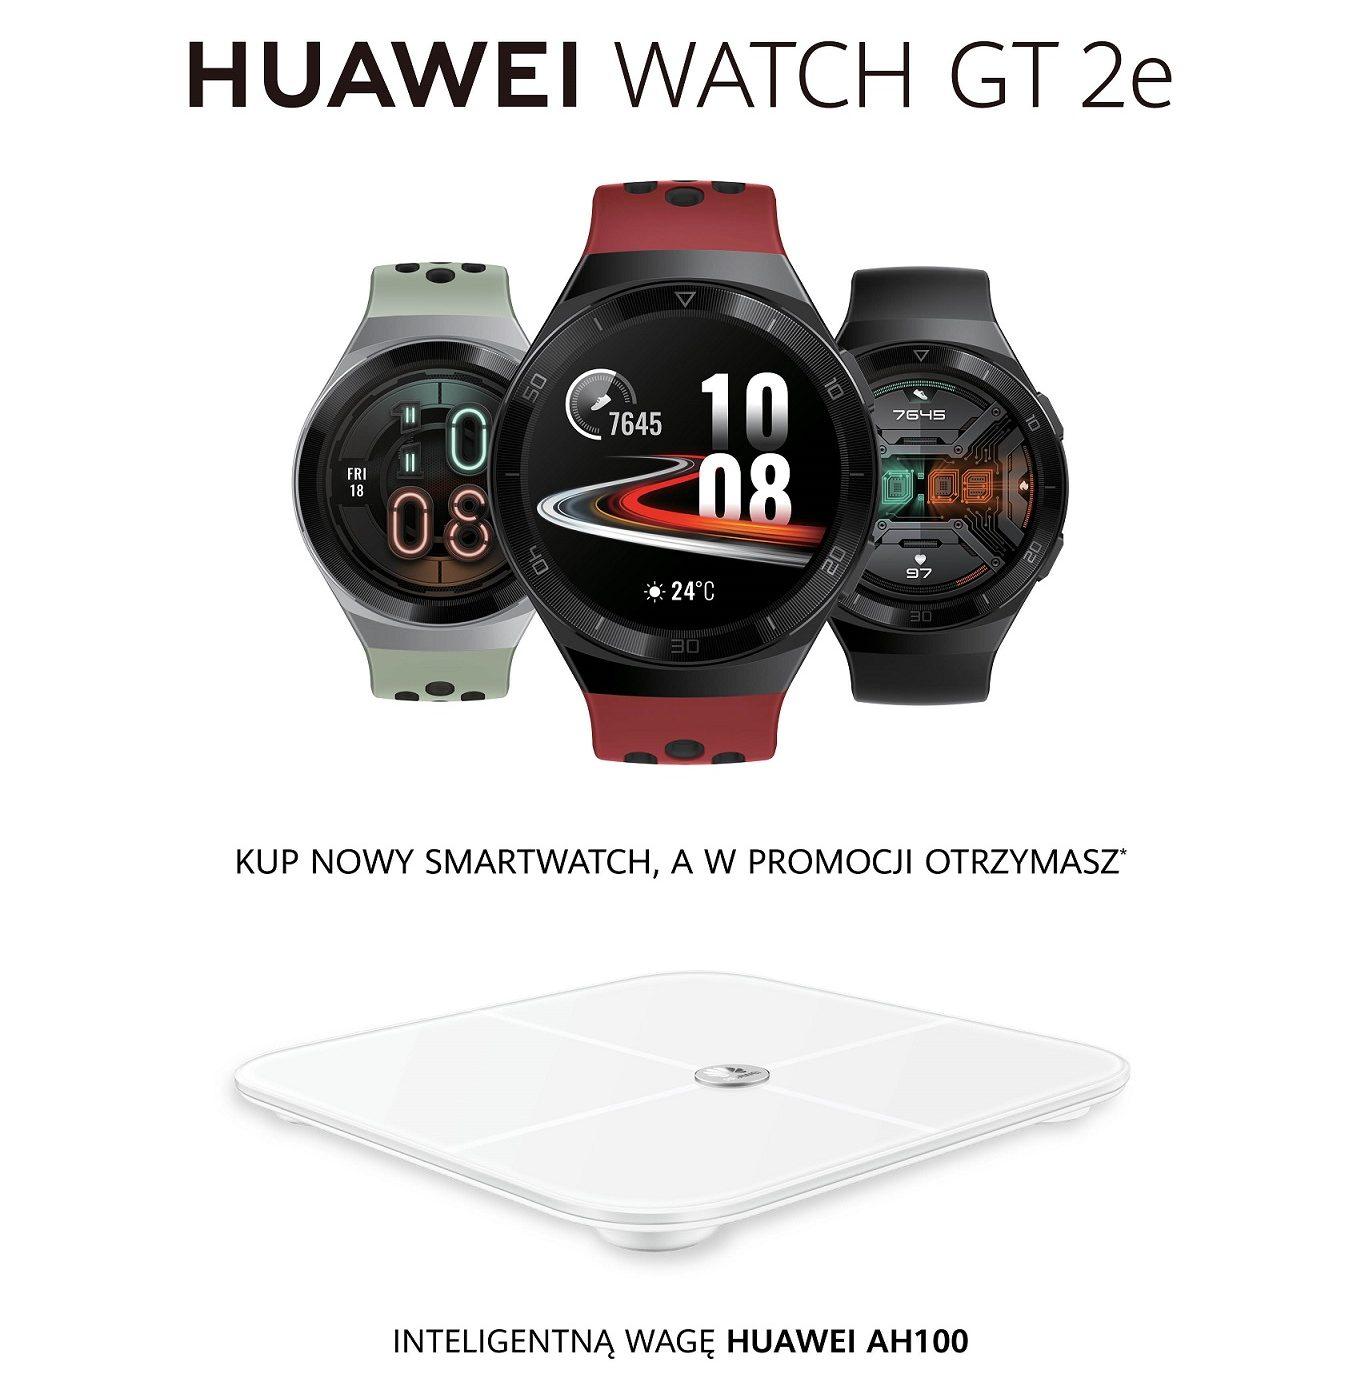 Huawei Watch GT 2e - rusza sprzedaż razem z wagą, która zmobilizuje do ćwiczeń w domu